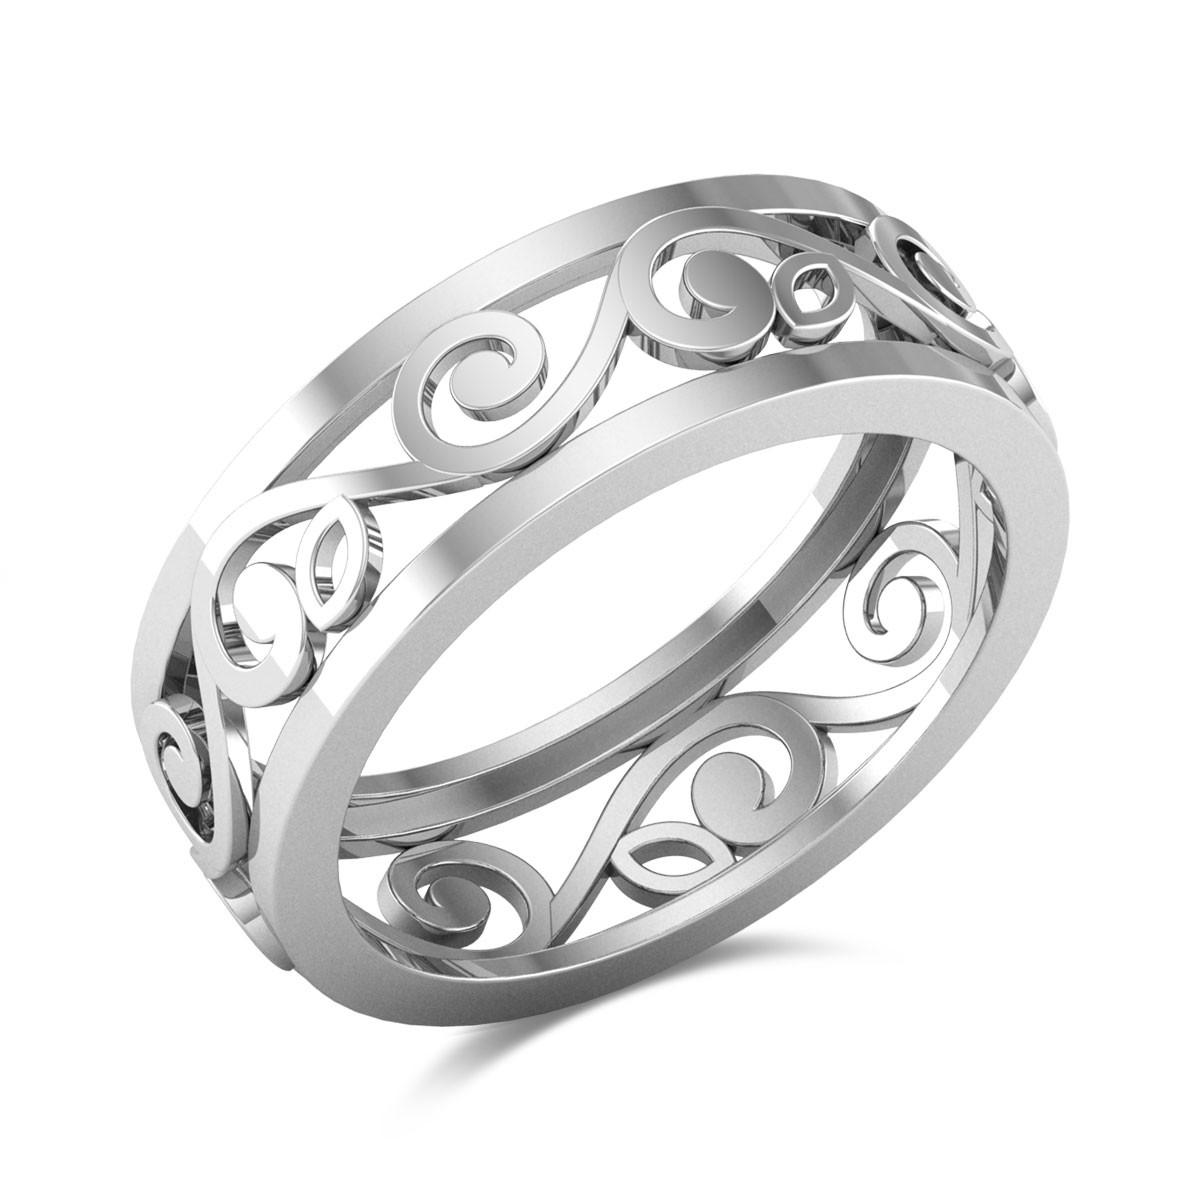 Advaiya Gold Ring